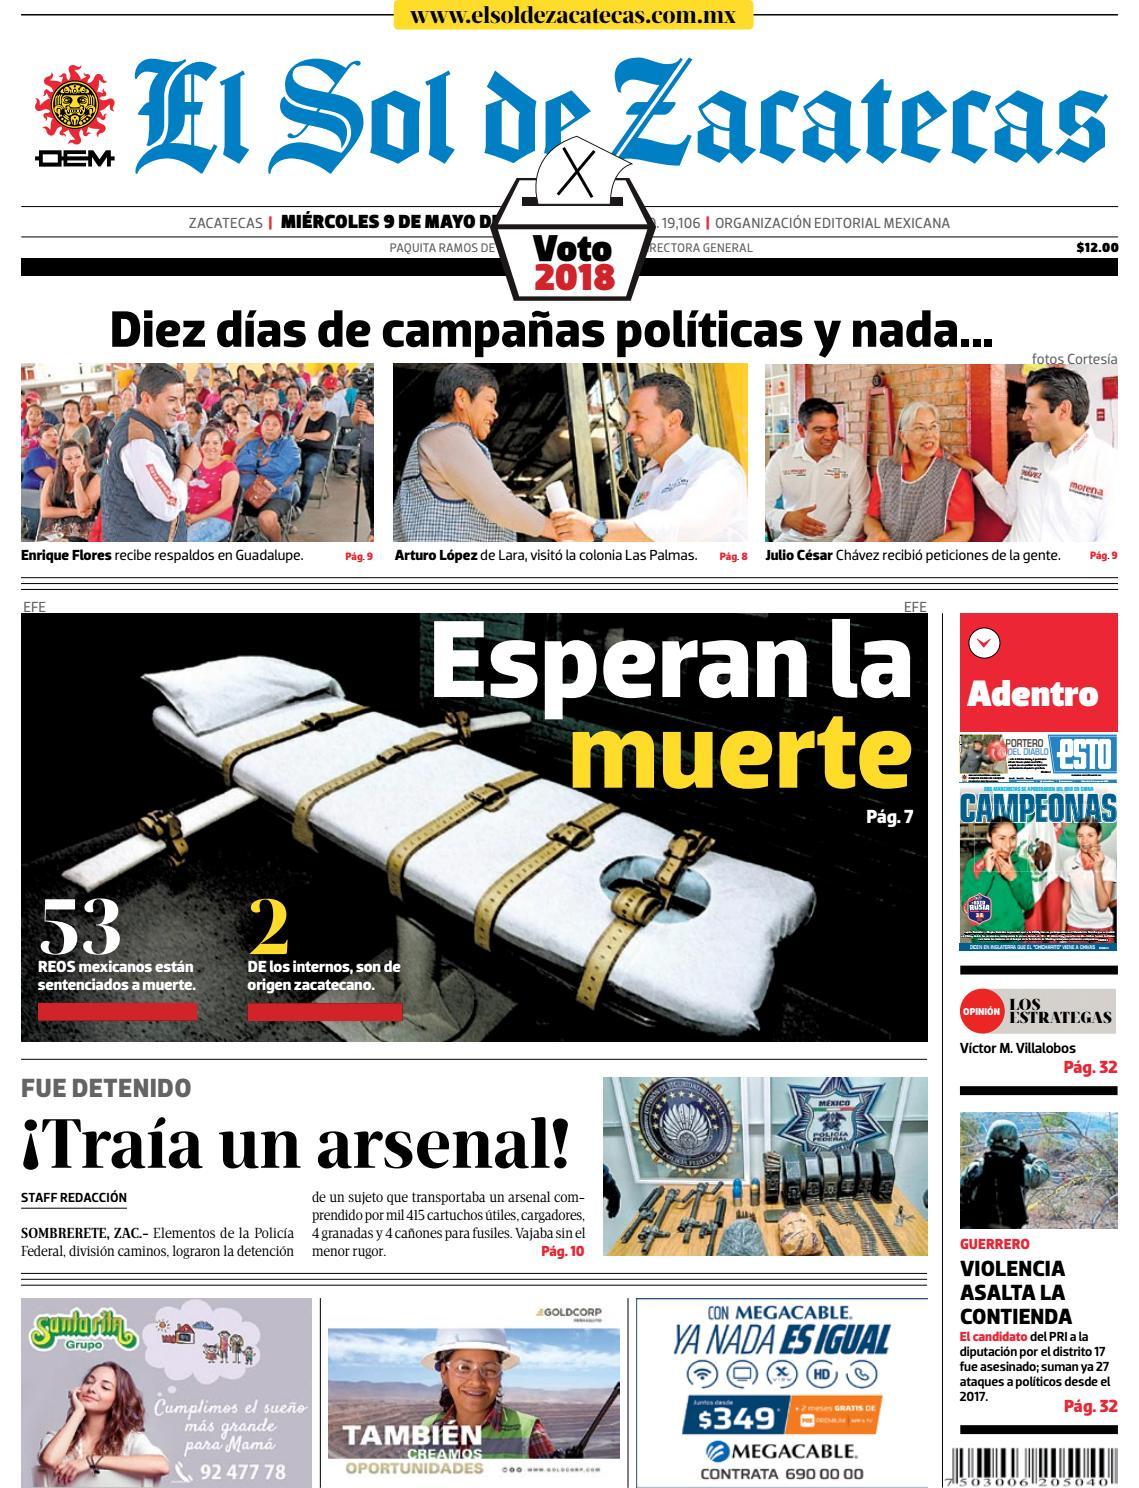 El Sol de Zacatecas 9 de mayo 2018 by El Sol de Zacatecas - issuu 7c3cd303d9c93